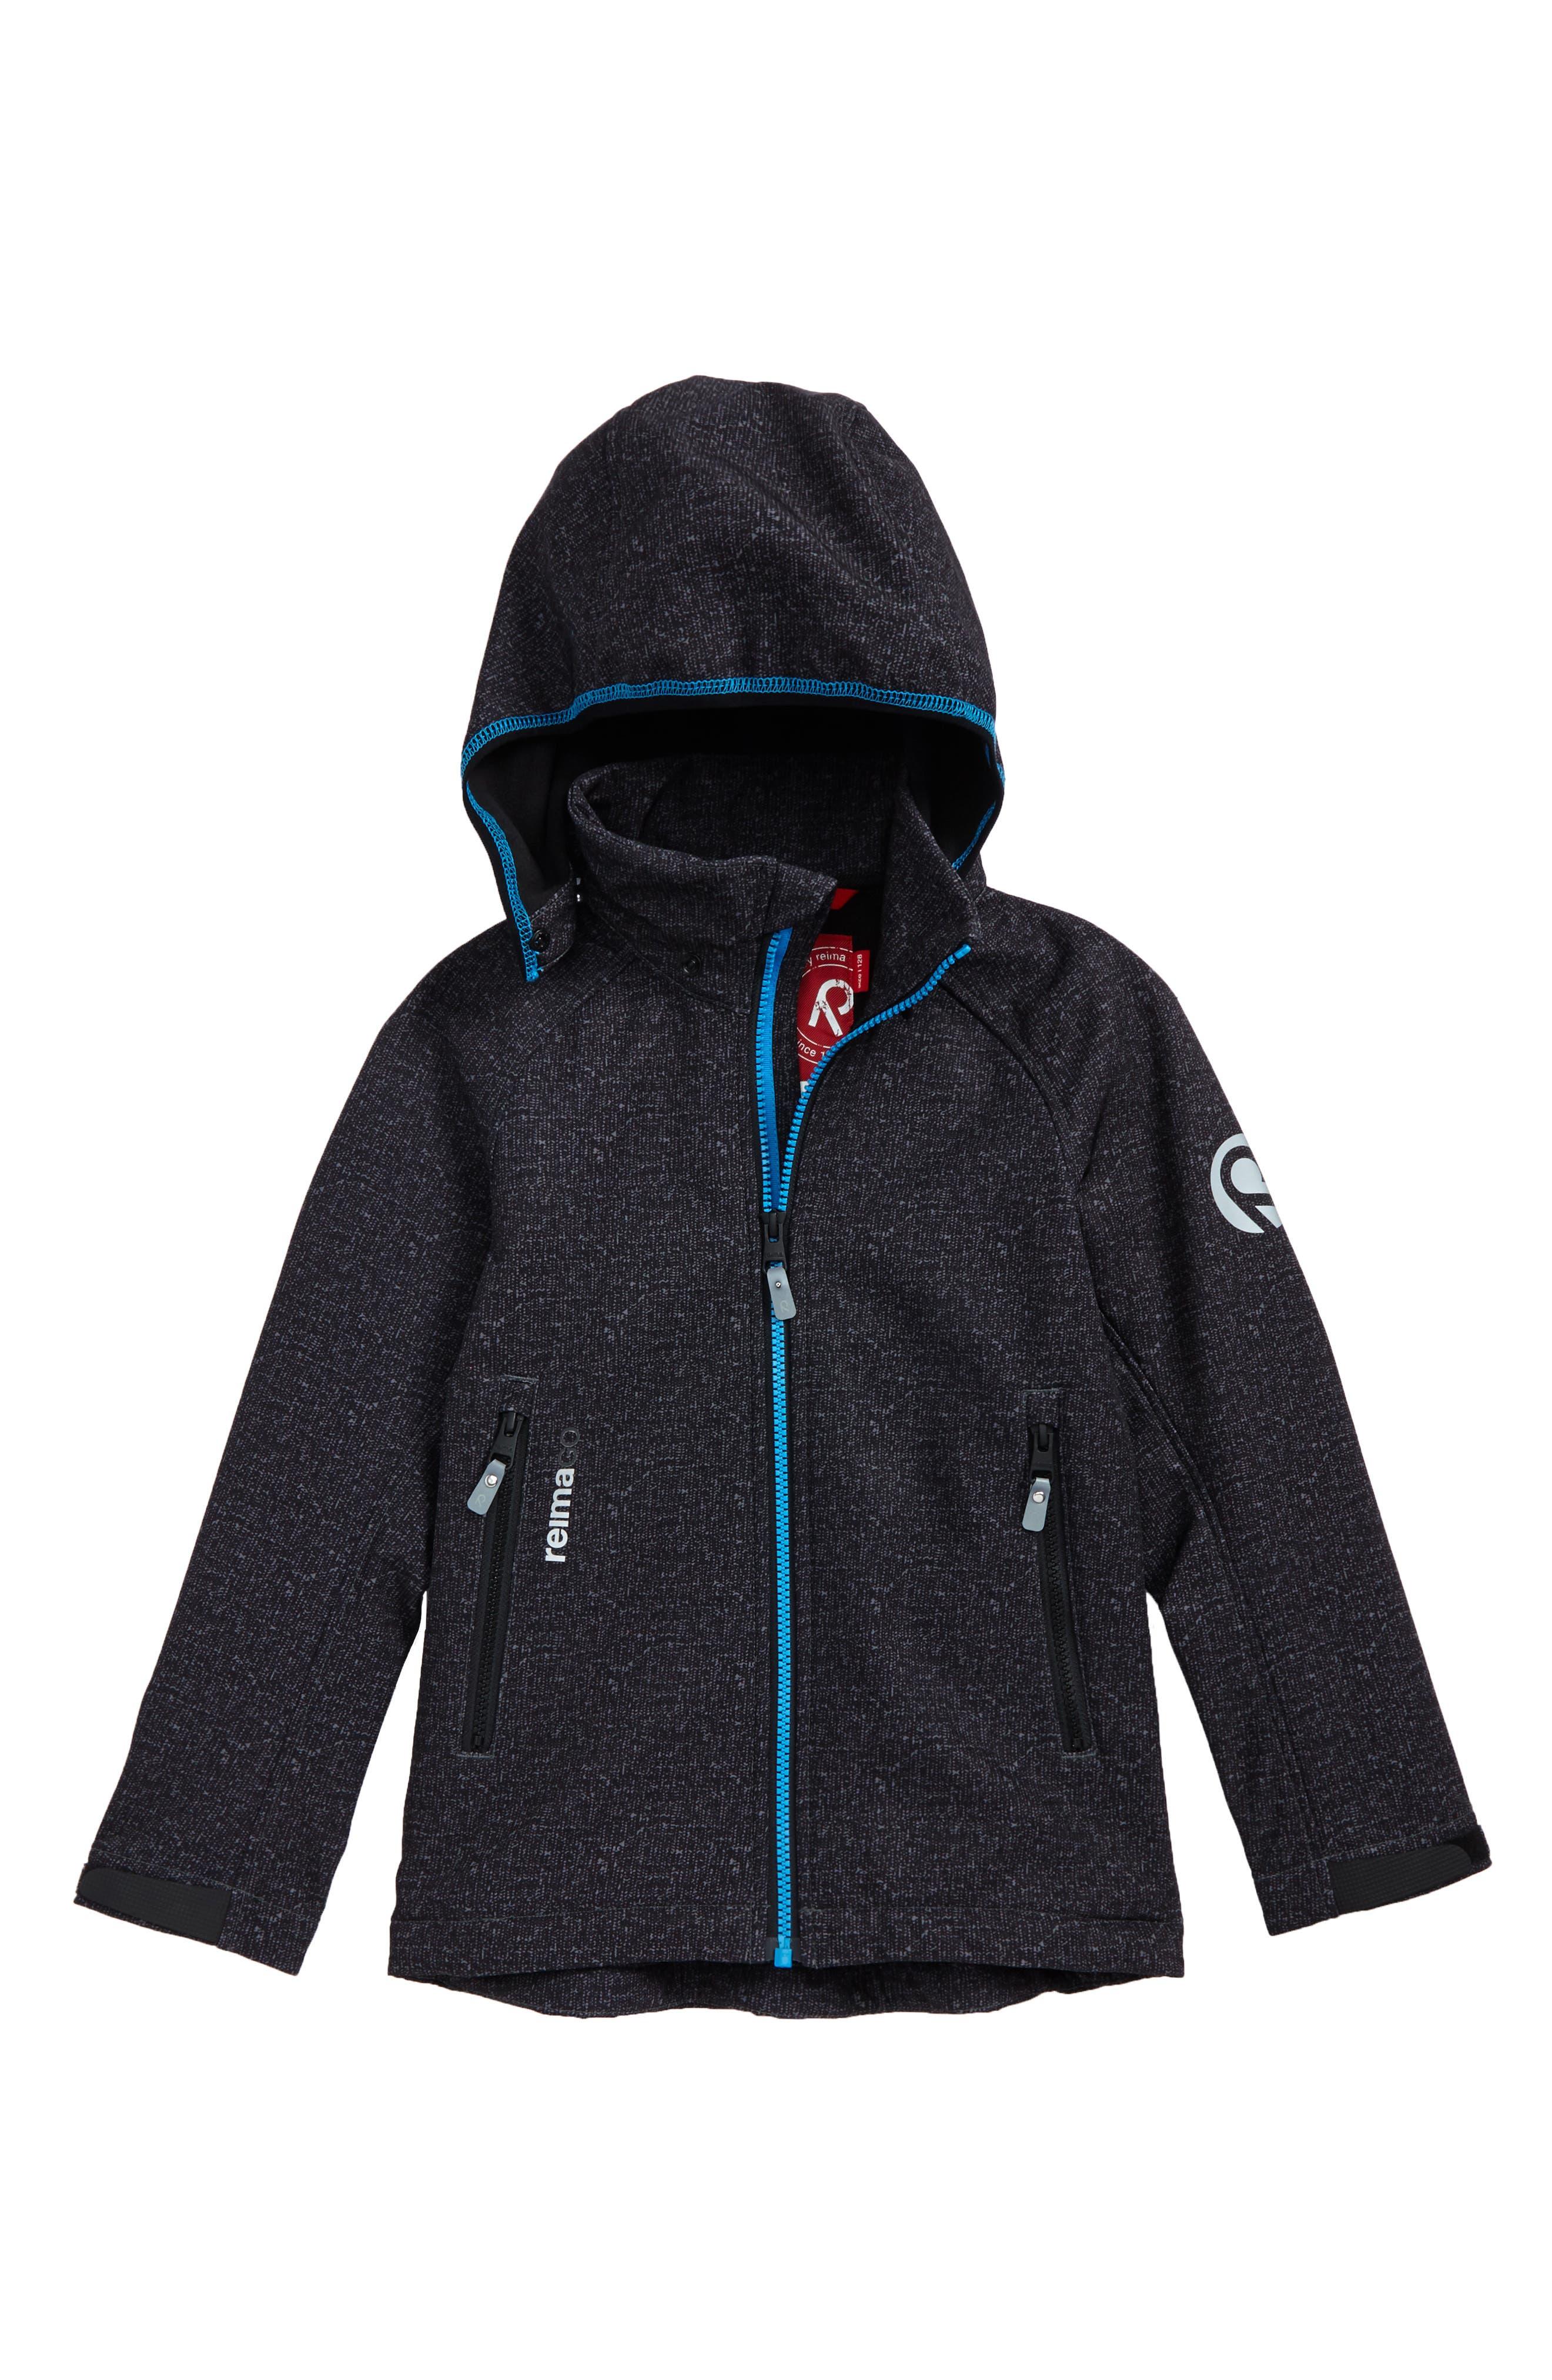 Zayak Waterproof Hooded Jacket,                         Main,                         color, 020